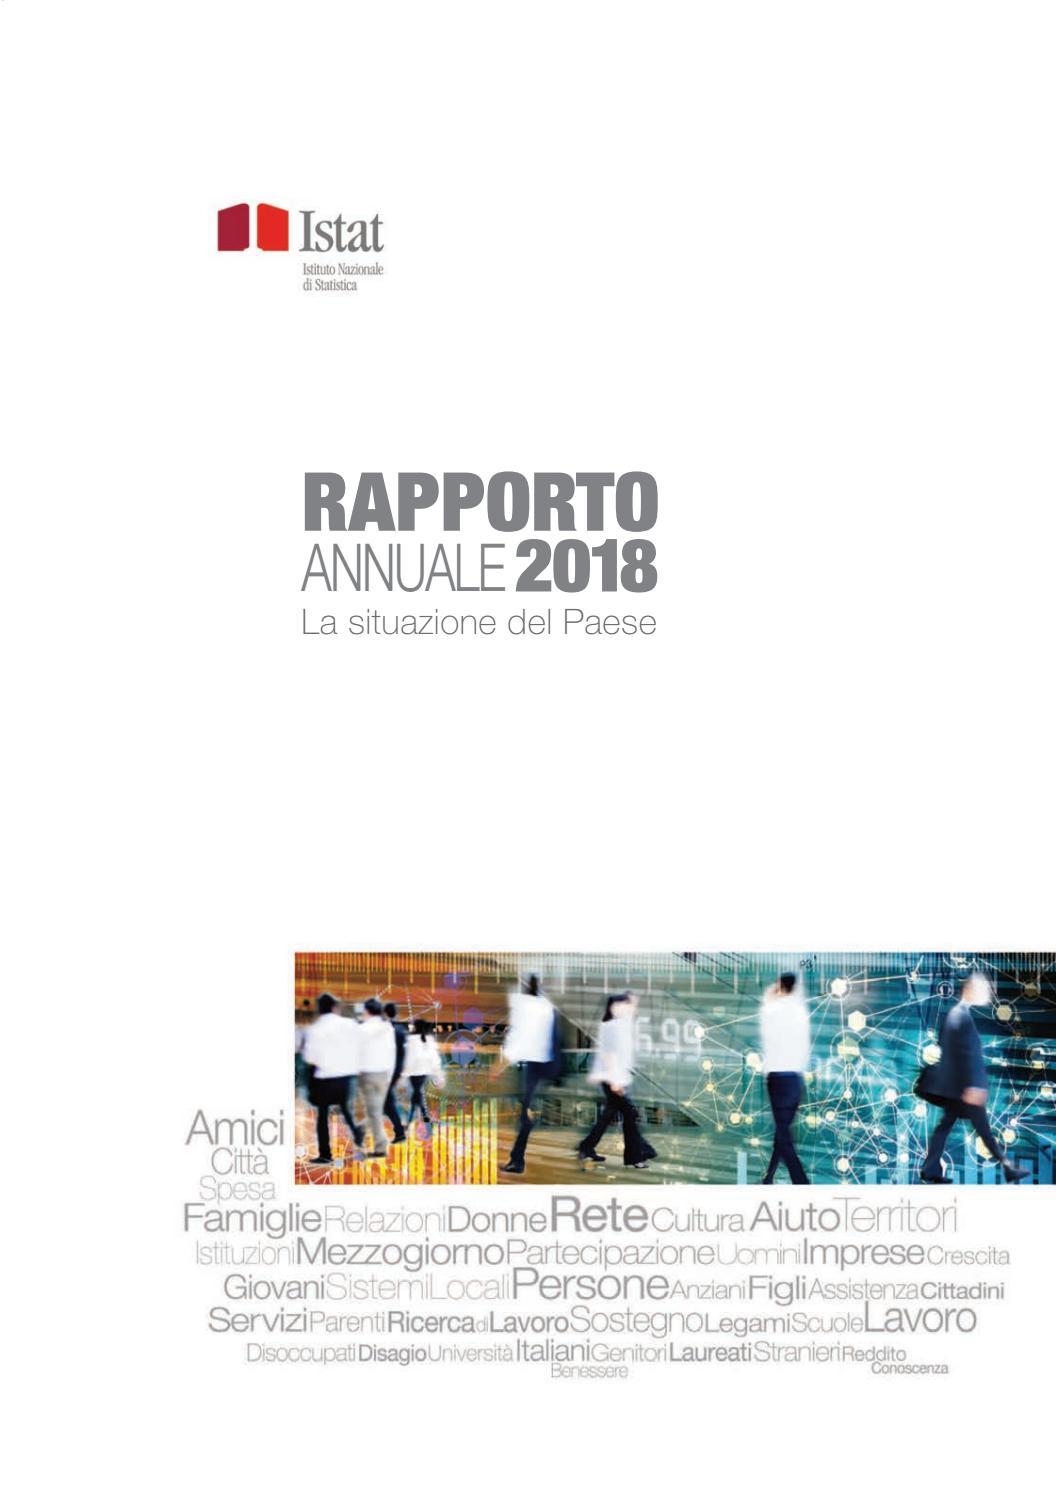 Calendario Scolastico 2020 16 Veneto.Rapporto Annuale 2018 La Situazione Del Paese By Istat Issuu